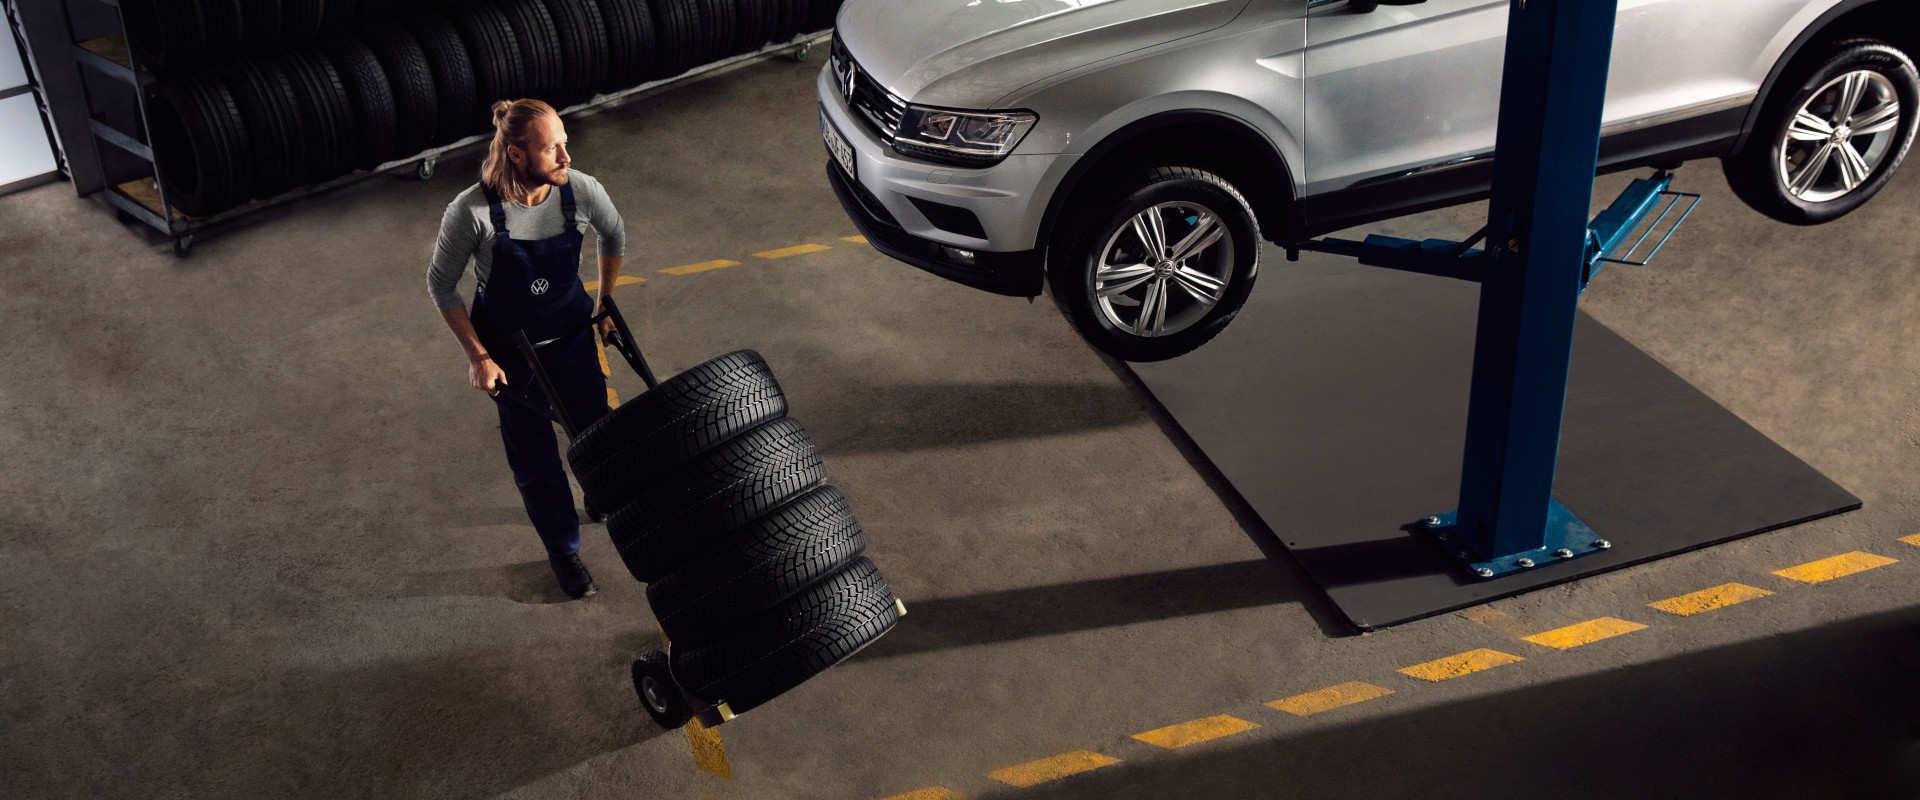 Reifenwochen bei Schwab-Tolles